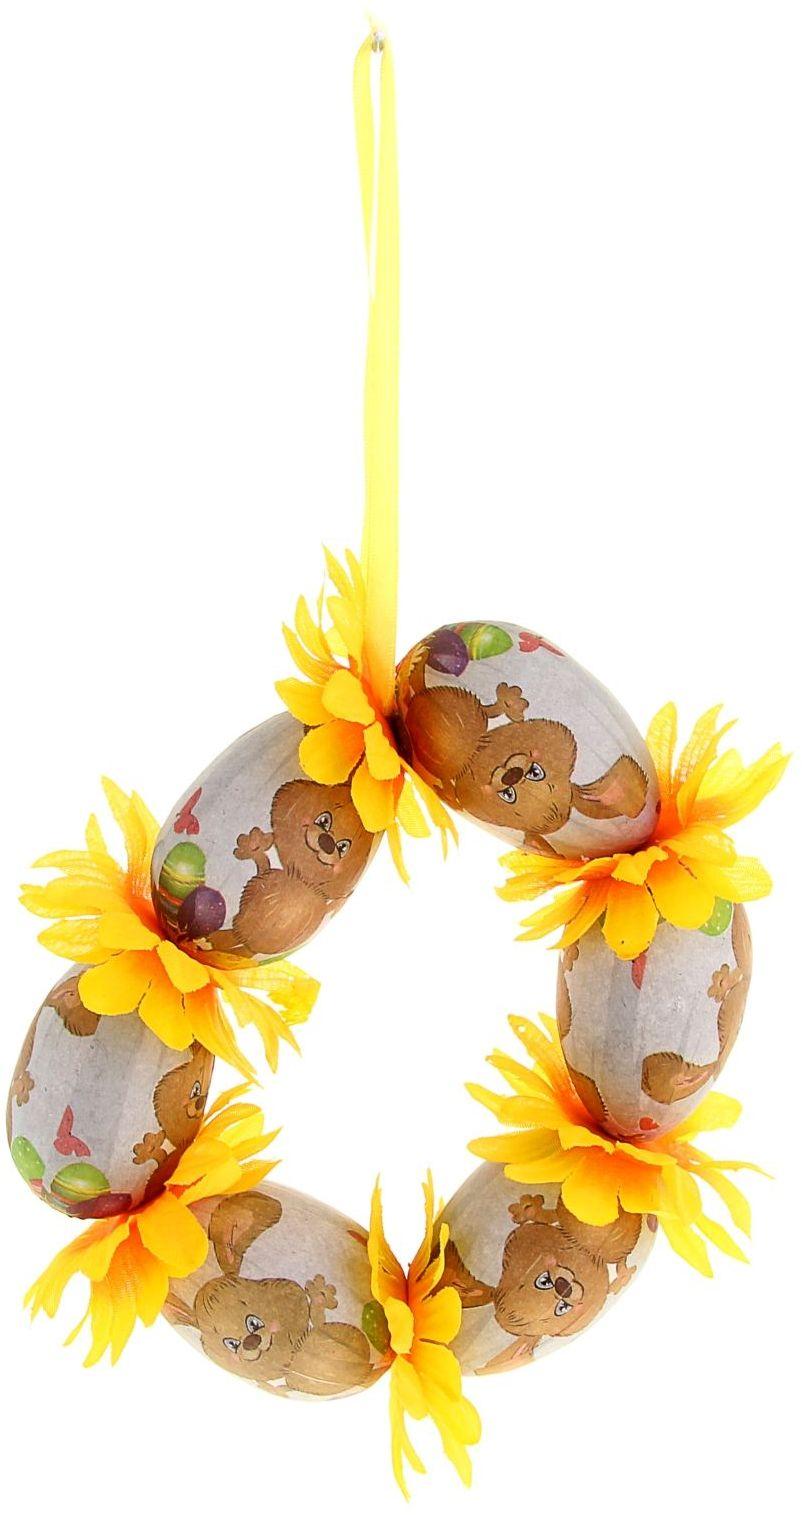 Панно пасхальное Sima-land Пасхальный кролик, диаметр 14 см978286Пасха – весенний праздник, в это время года природа пробуждается после долгой спячки и поражает своим великолепием и красками. Такой пейзаж способен украсить этот светлый день. А сейчас подумайте, если к этому добавить оригинальный пасхальный декор, то обстановка становится по-настоящему праздничная.Сувенир - пасхальное панно Пасхальный кролик - еще один способ преобразить интерьер к светлому празднику Пасха. Подойдёт для украшения квартиры, офиса или магазинчика. Сувенир выполнен из пенопласта и оснащён удобной петелькой. С его помощью для вас открываются сотни вариантов украшения праздничного пространства. Например, благодаря ему вы сможете задекорировать входную дверь или любой другой уголок в квартире.